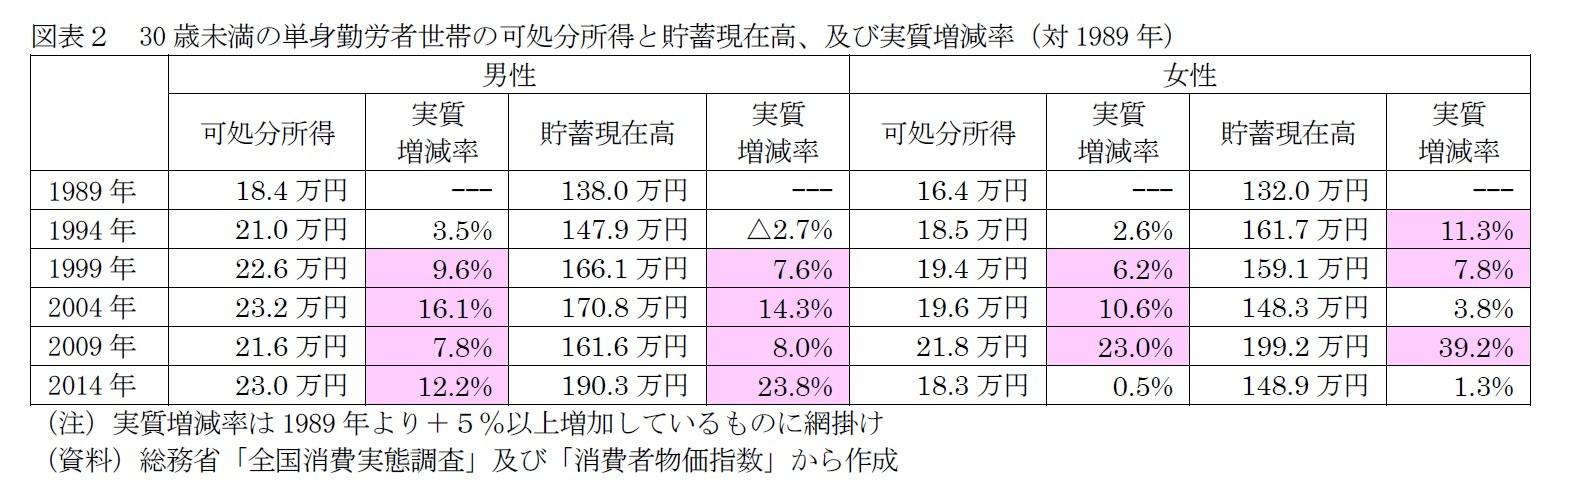 図表2 30歳未満の単身勤労者世帯の可処分所得と貯蓄現在高、及び実質増減率(対1989年)